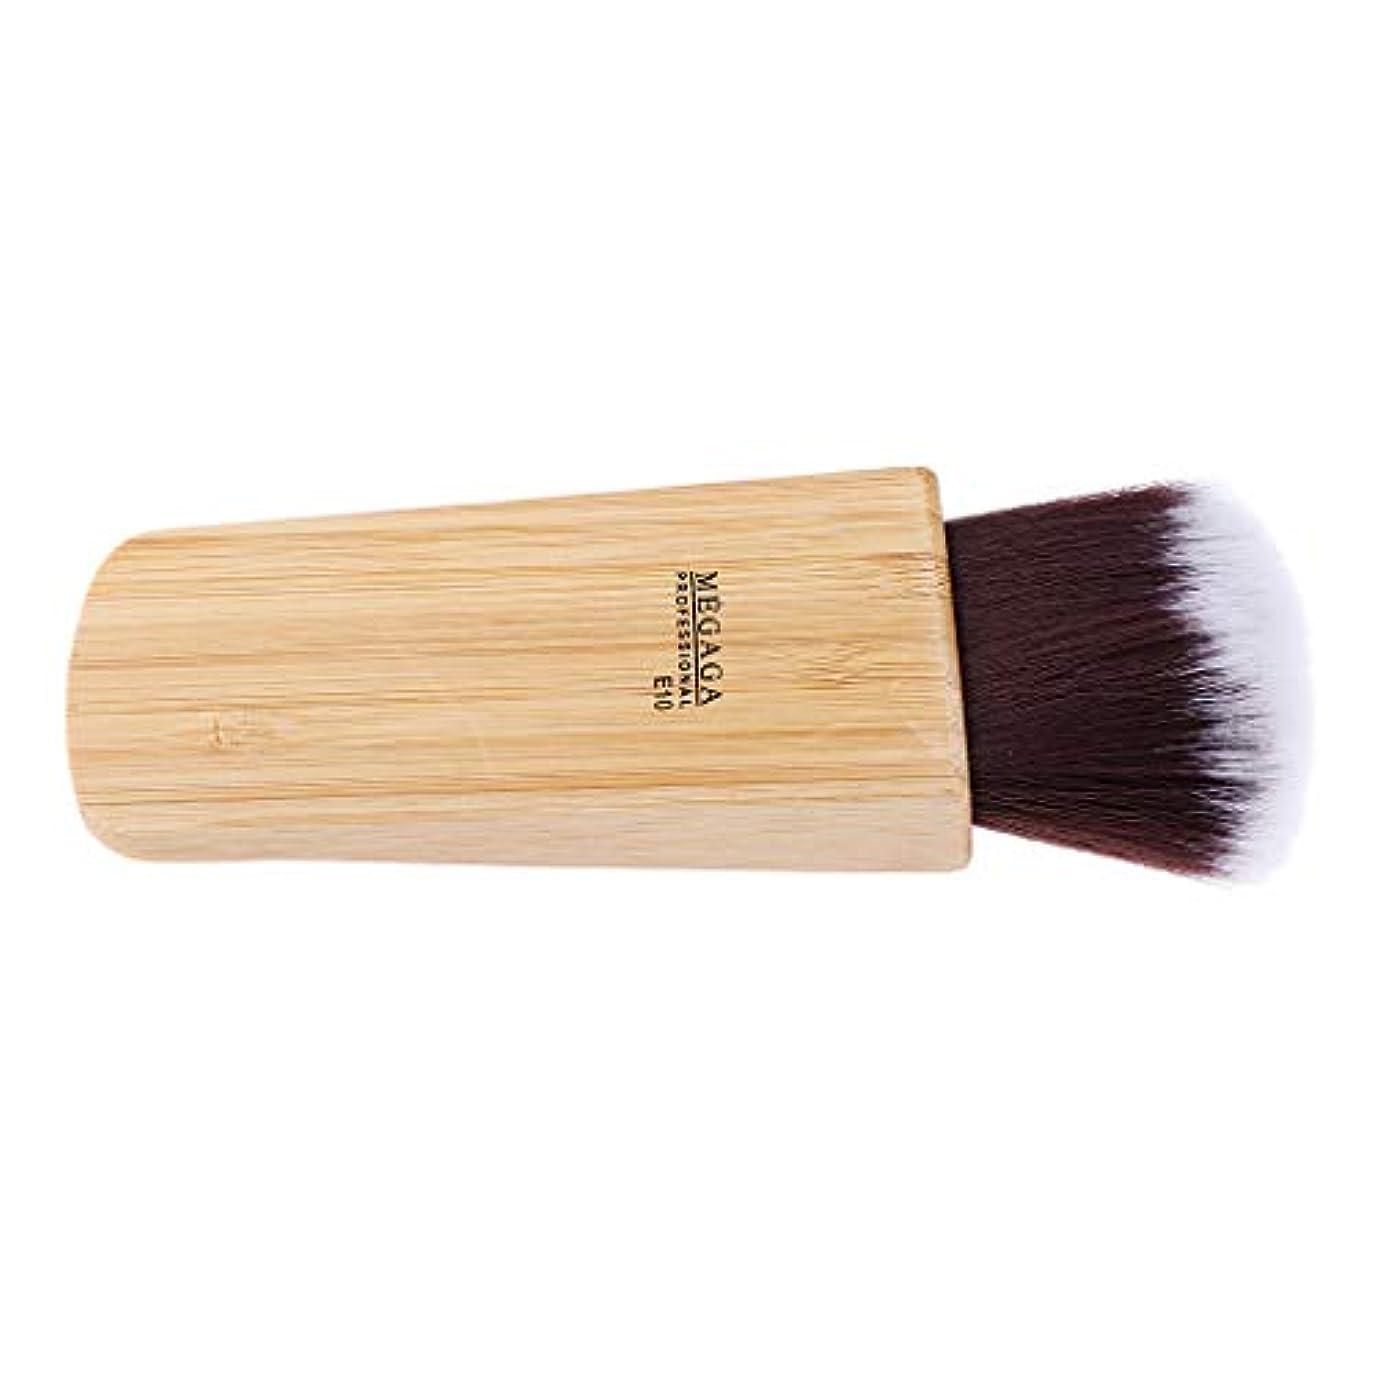 励起内陸思慮深いToygogo ヘアカットブラシネックダスターブラシクリーニングヘアブラシバーバースイープブロークンヘア理髪ツール